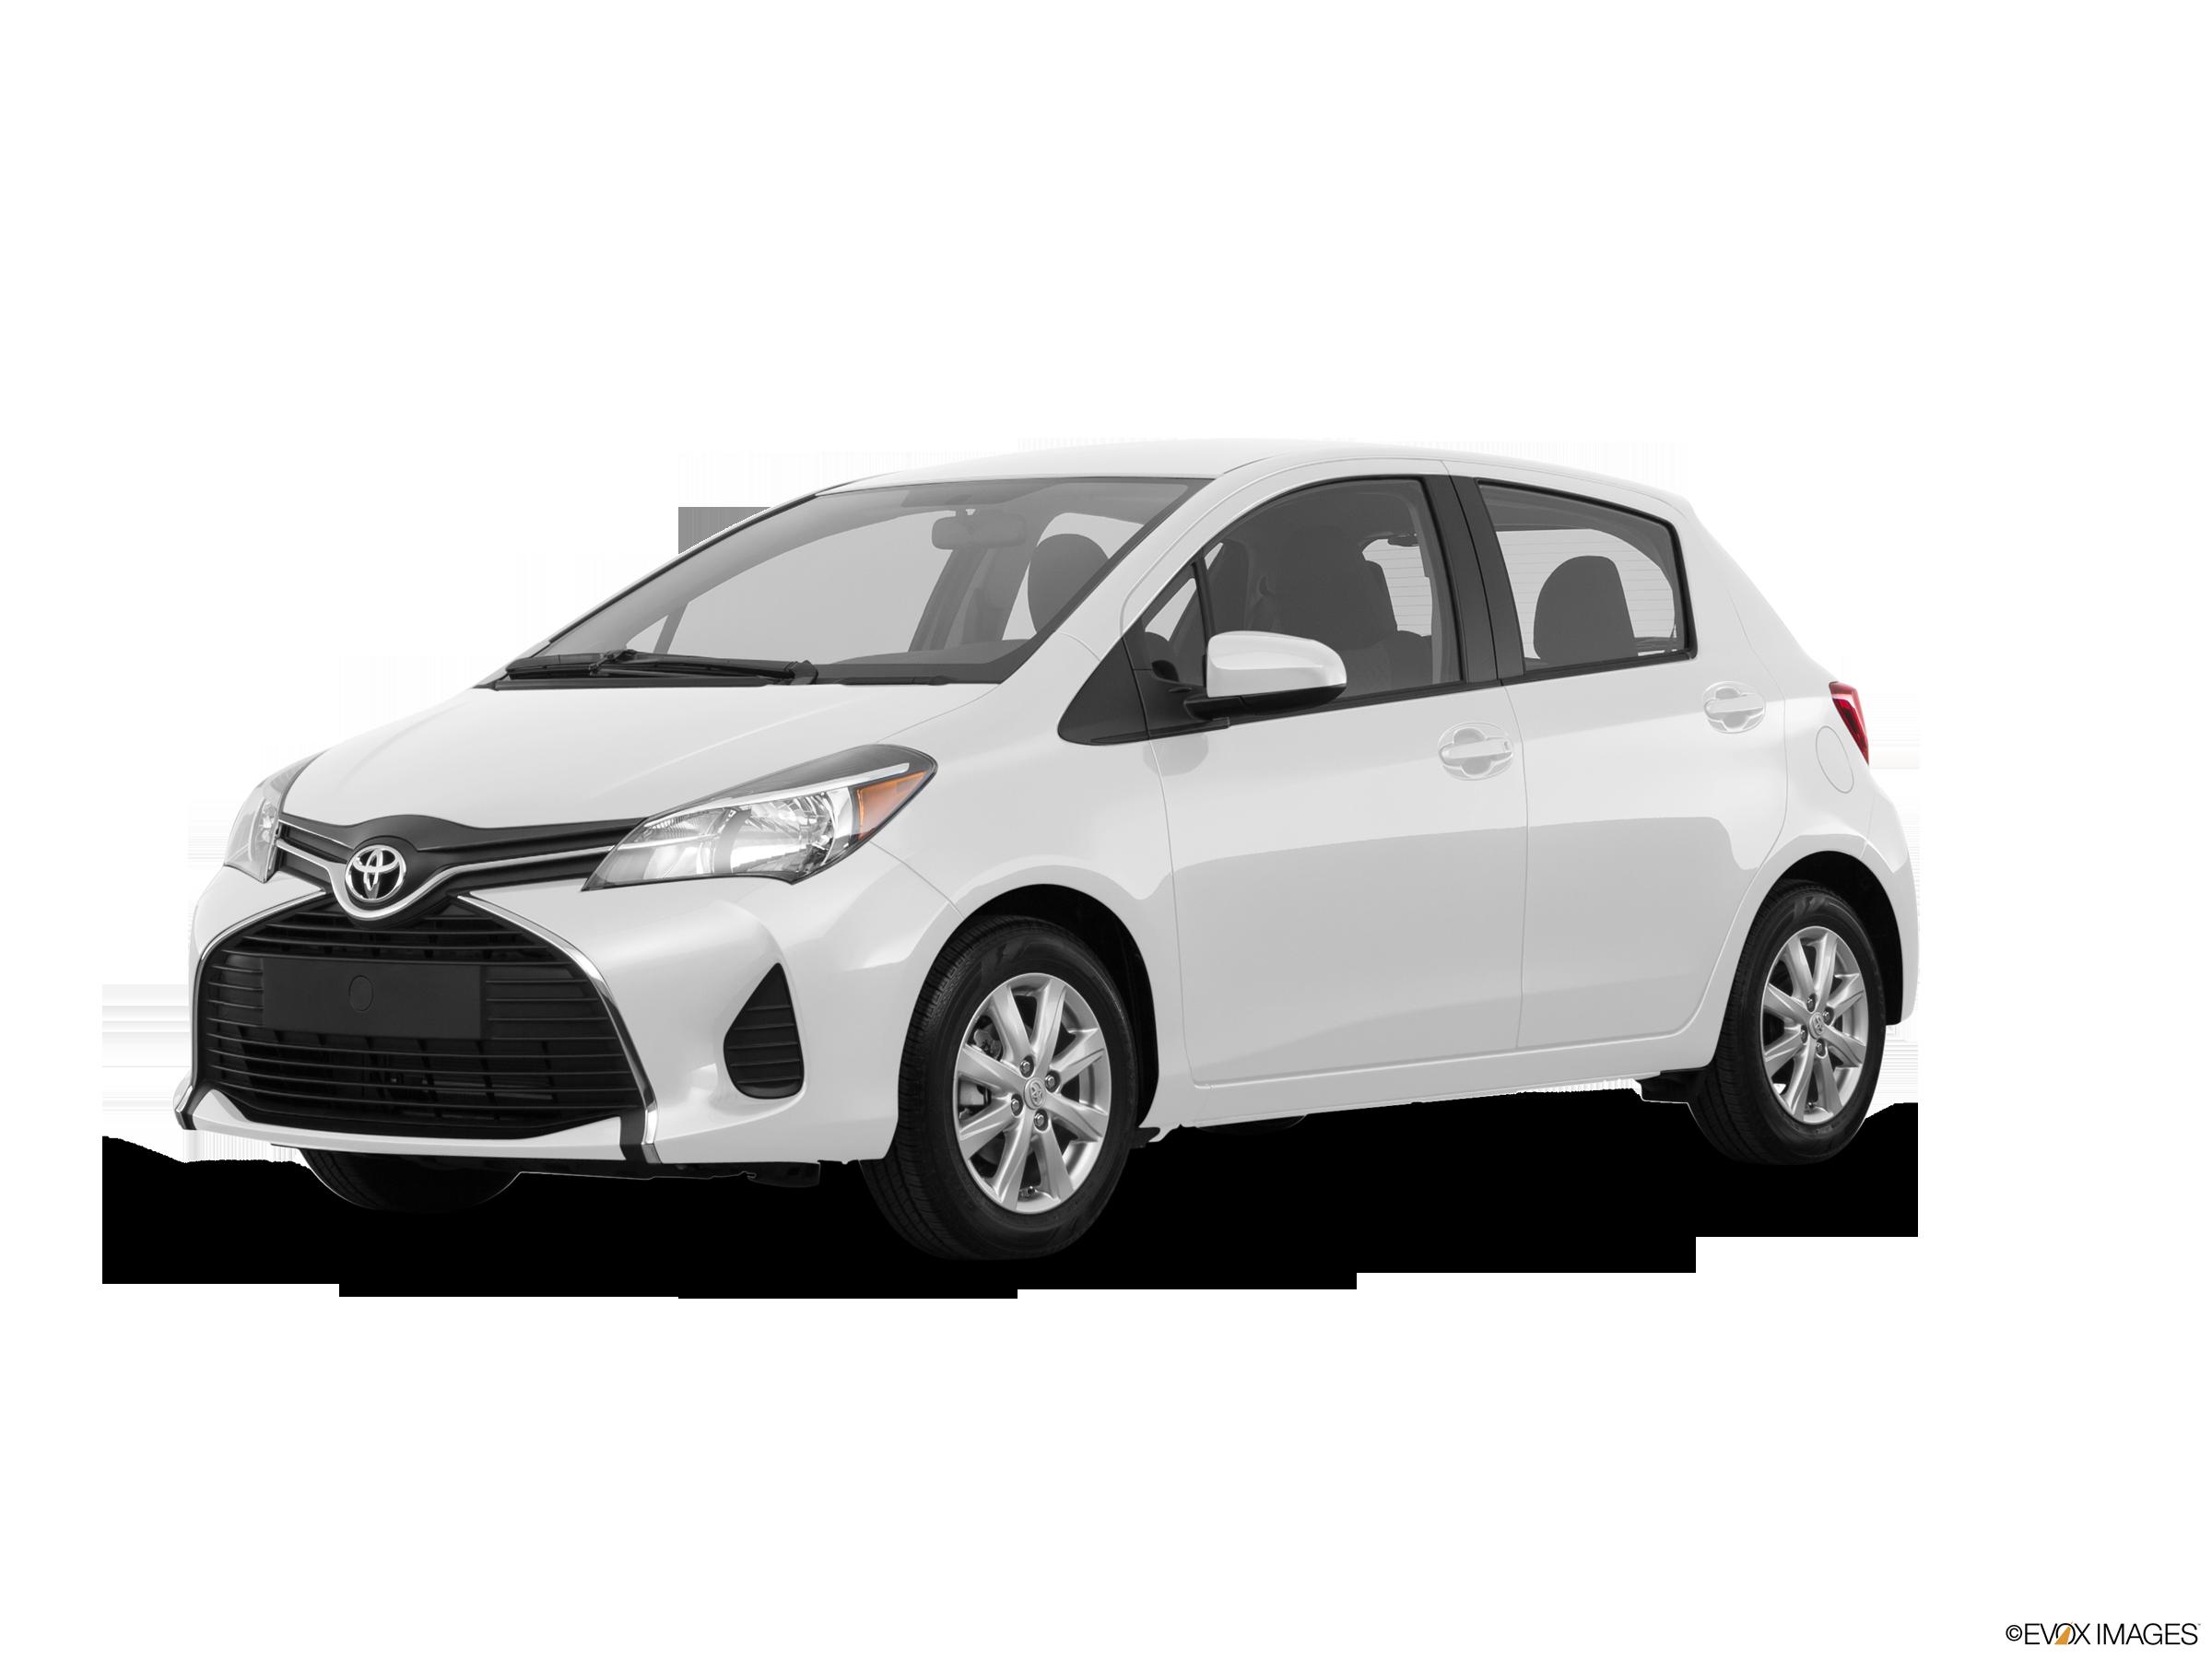 Kelebihan Kekurangan Toyota Yaris 2016 Top Model Tahun Ini